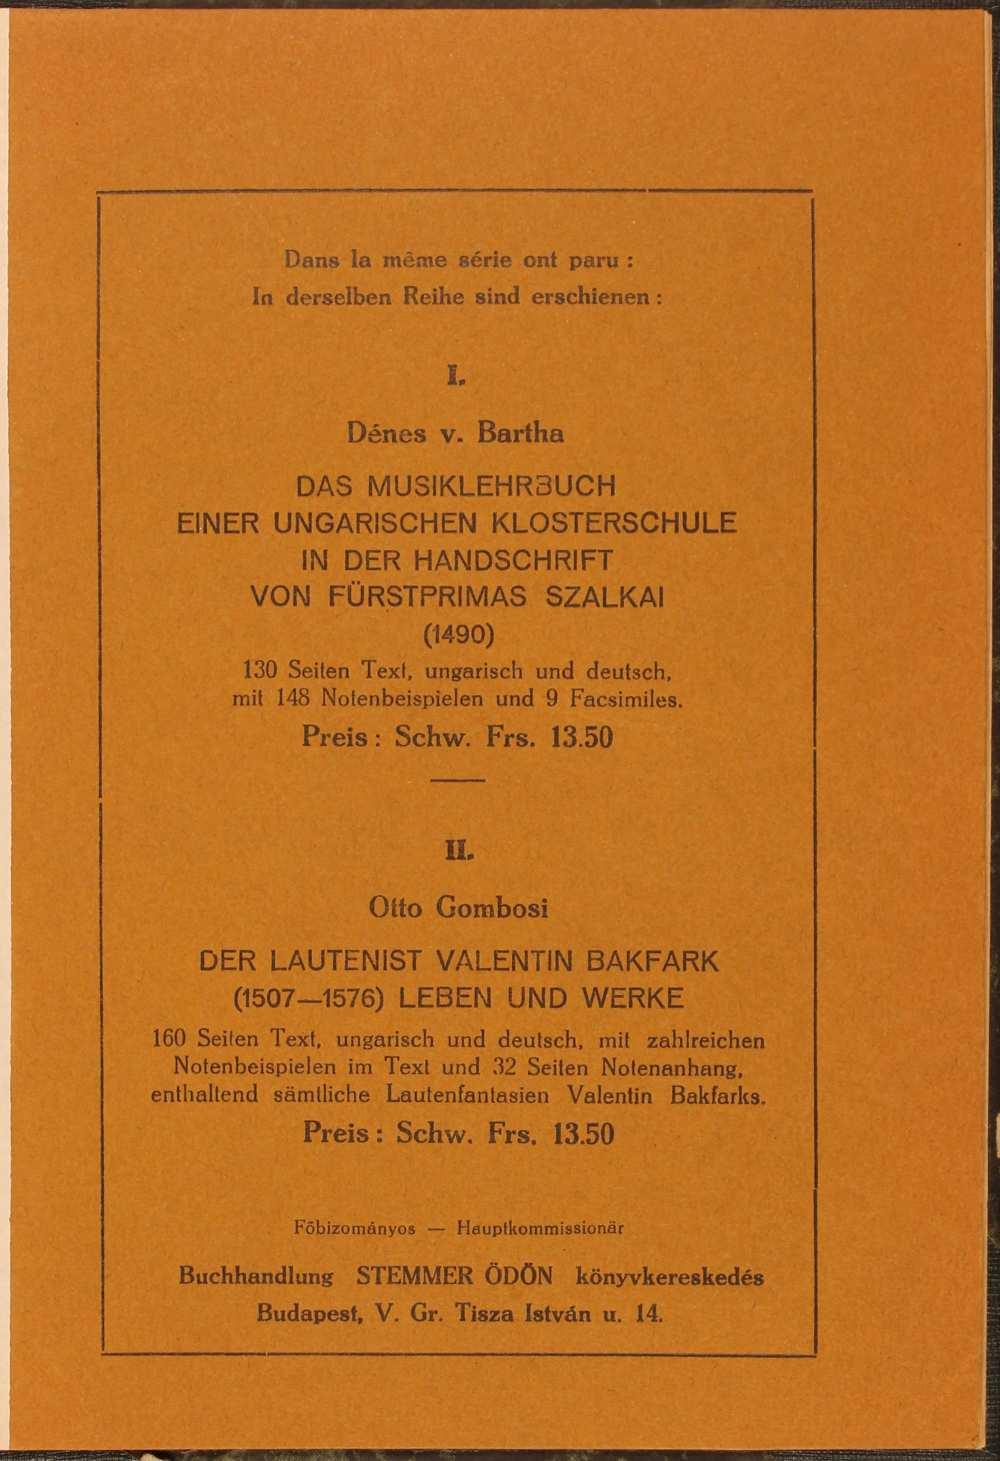 Gárdonyi Zoltán: Liszt Ferenc magyar stílusa. Budapest, Országos Széchényi Könyvtár, 1936. (Musicologia Hungarica 3.) Hátsó borító a sorozat korábbi két kötetének német nyelvű hirdetésével. – Törzsgyűjtemény. http://nektar.oszk.hu/hu/manifestation/2819282 A kép forrása: OSZK Digitális Könyvtár http://nbn.urn.hu/N2L?urn:nbn:hu-9934